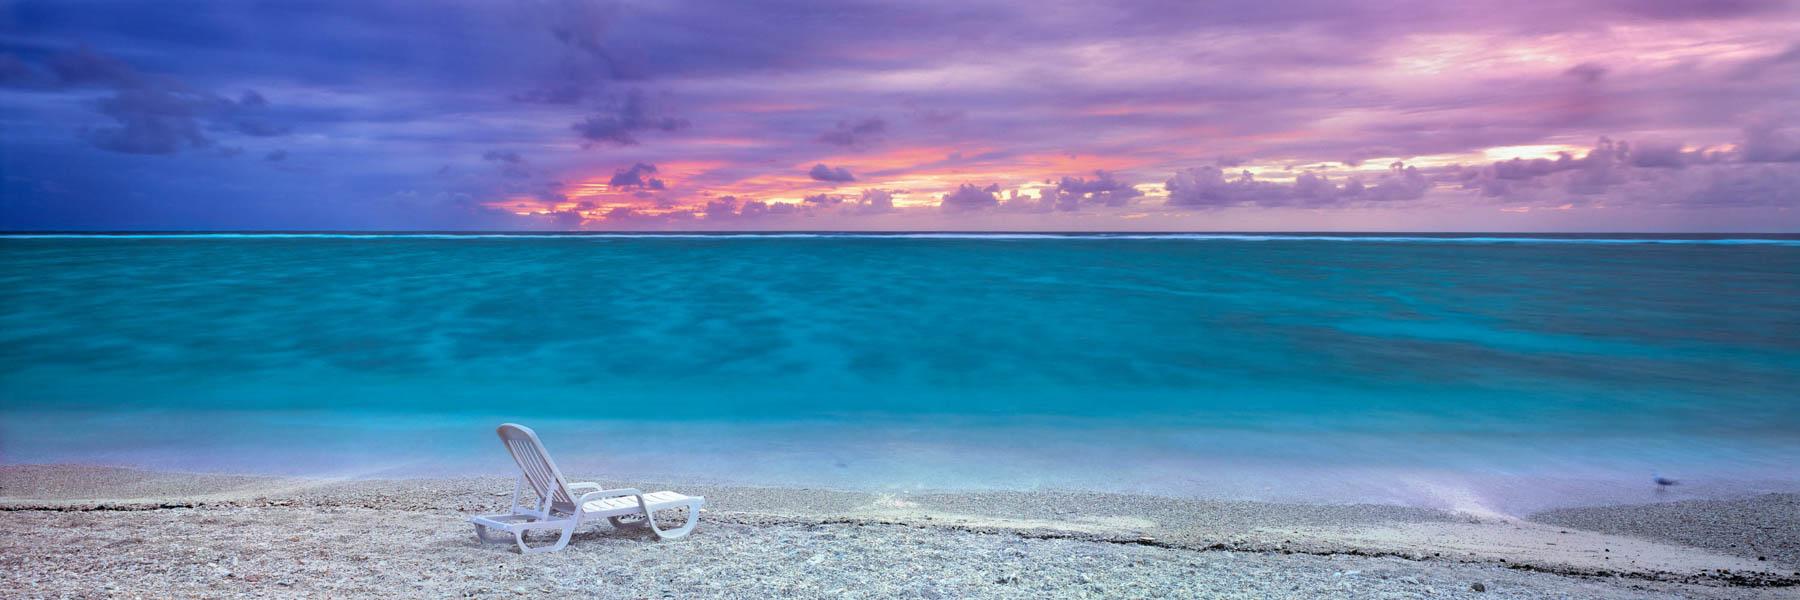 Sunrise breaking through heavy cloud, lLady Elliott Island, Great Barrier Reef, Qld, Australia.